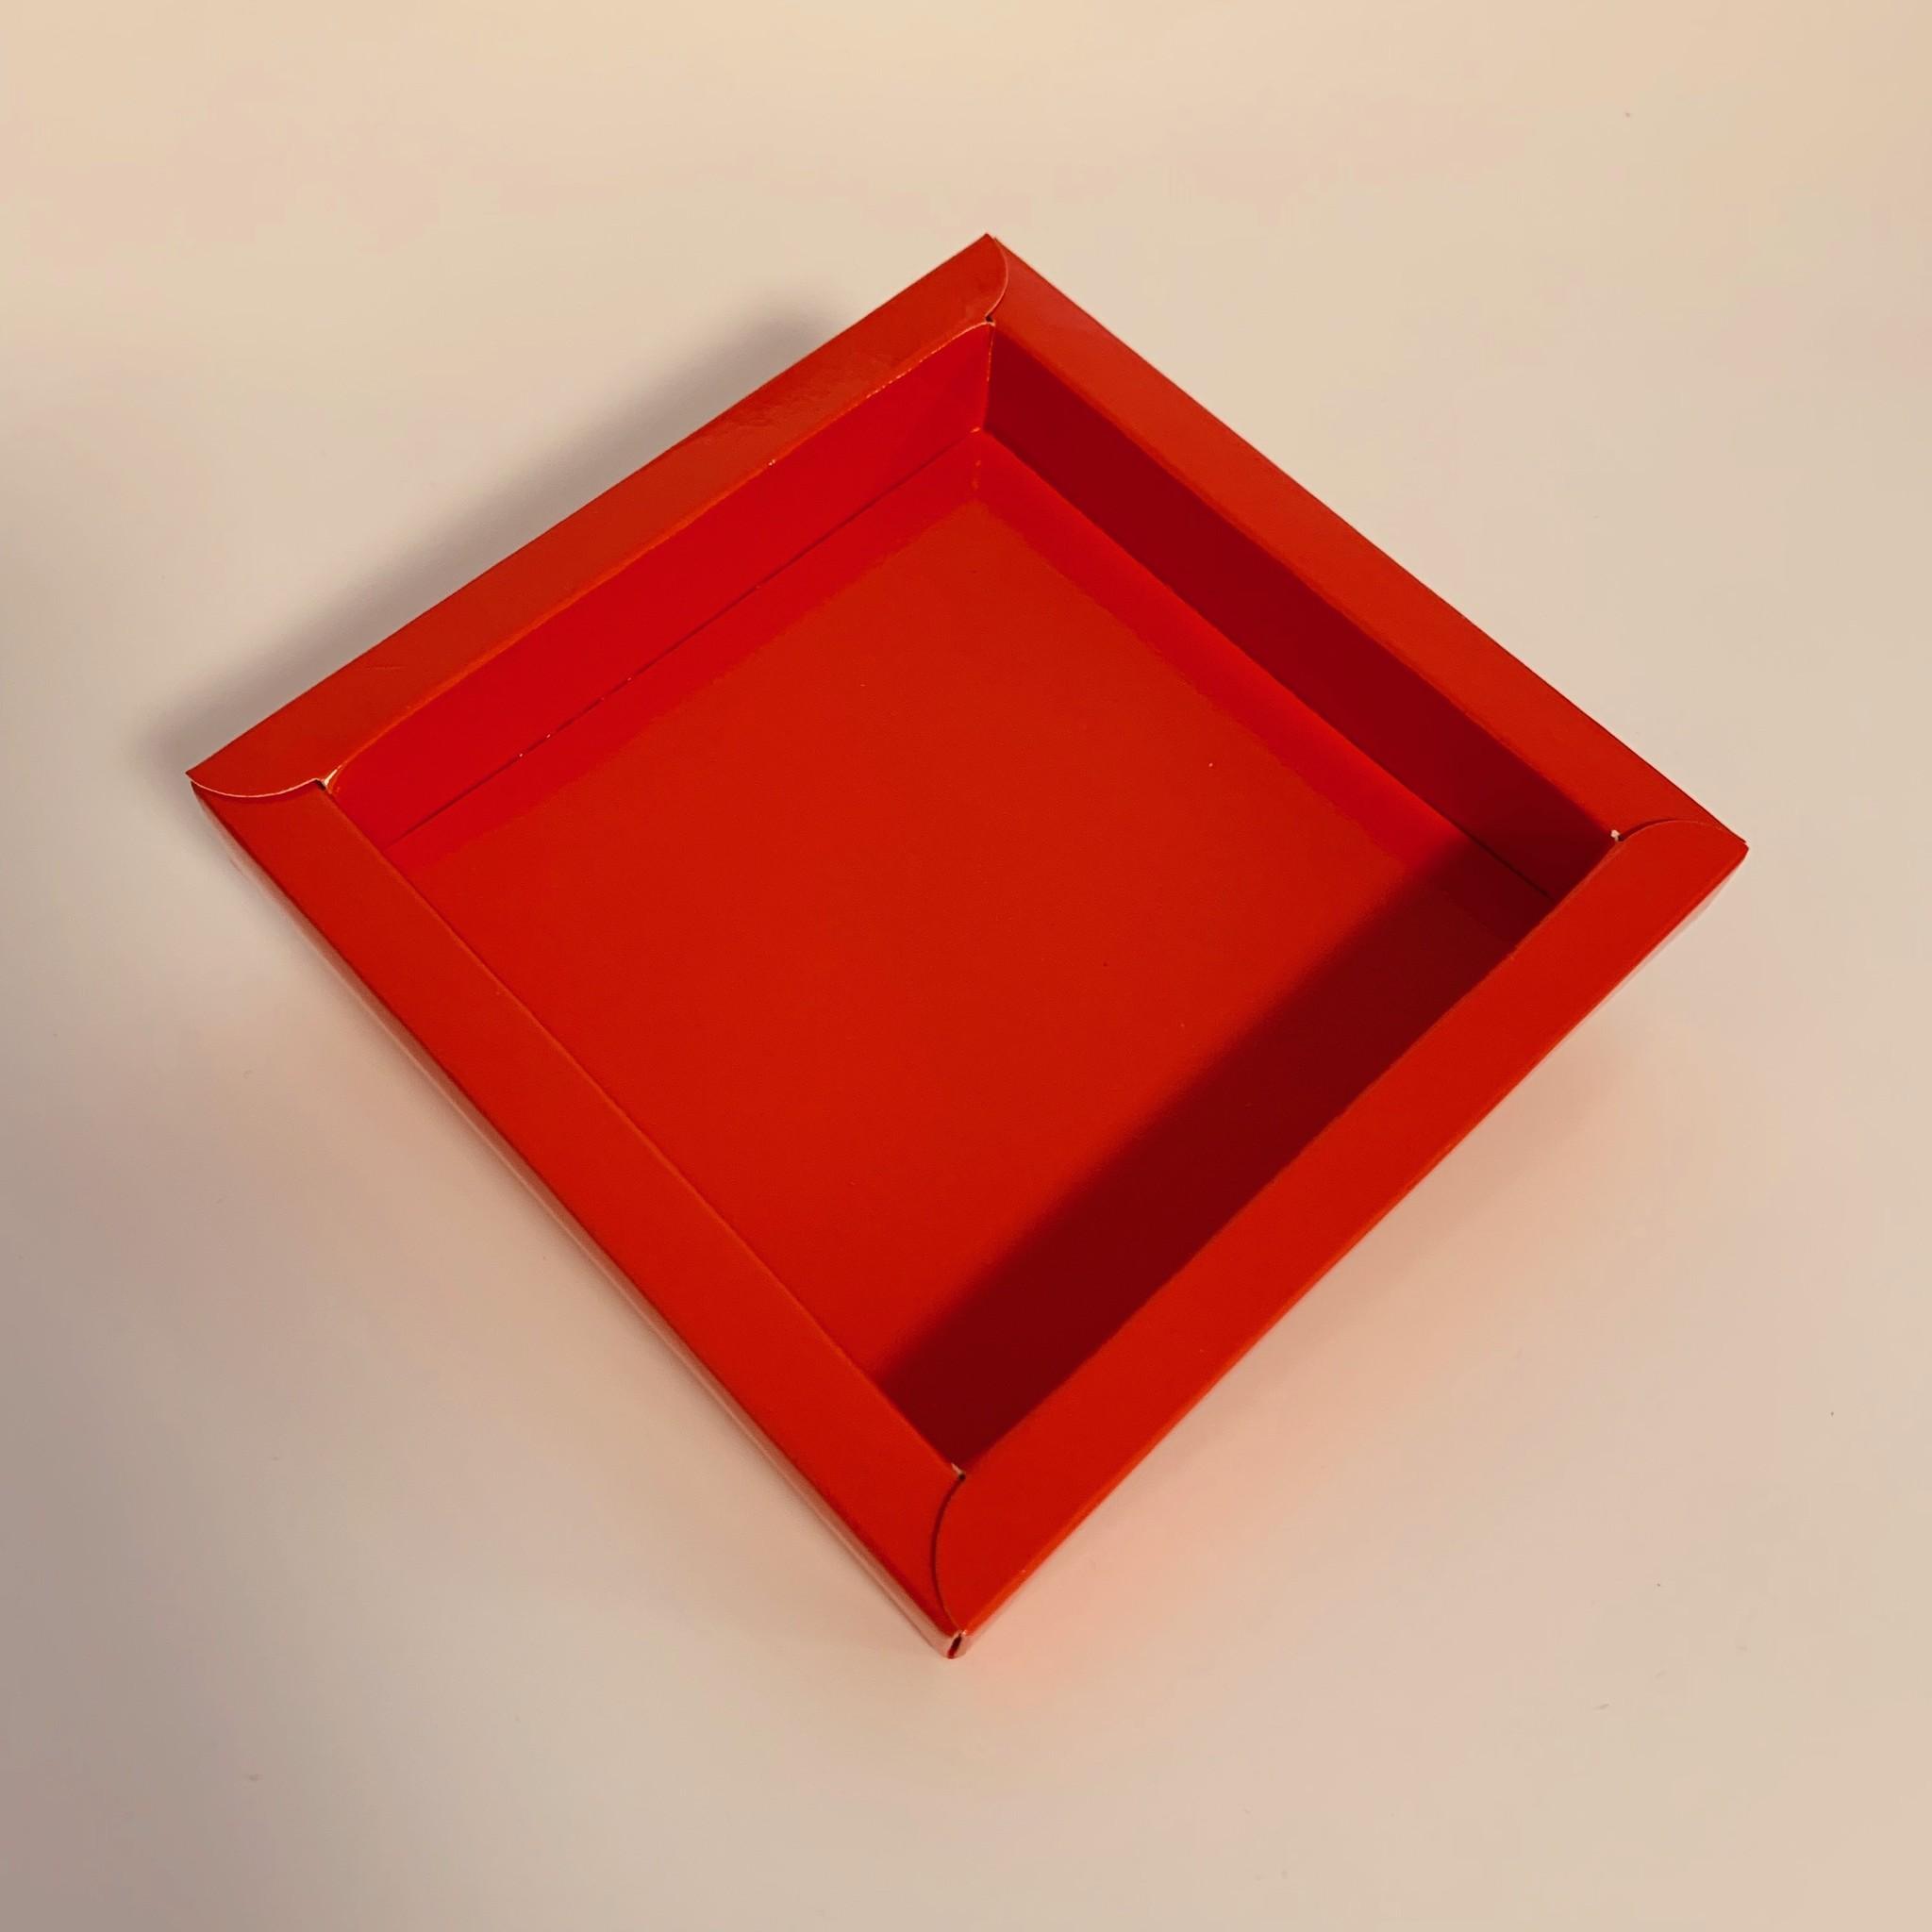 Hollewand verpakking NR.115 inhoud: 115x115x20mm (150stuks)